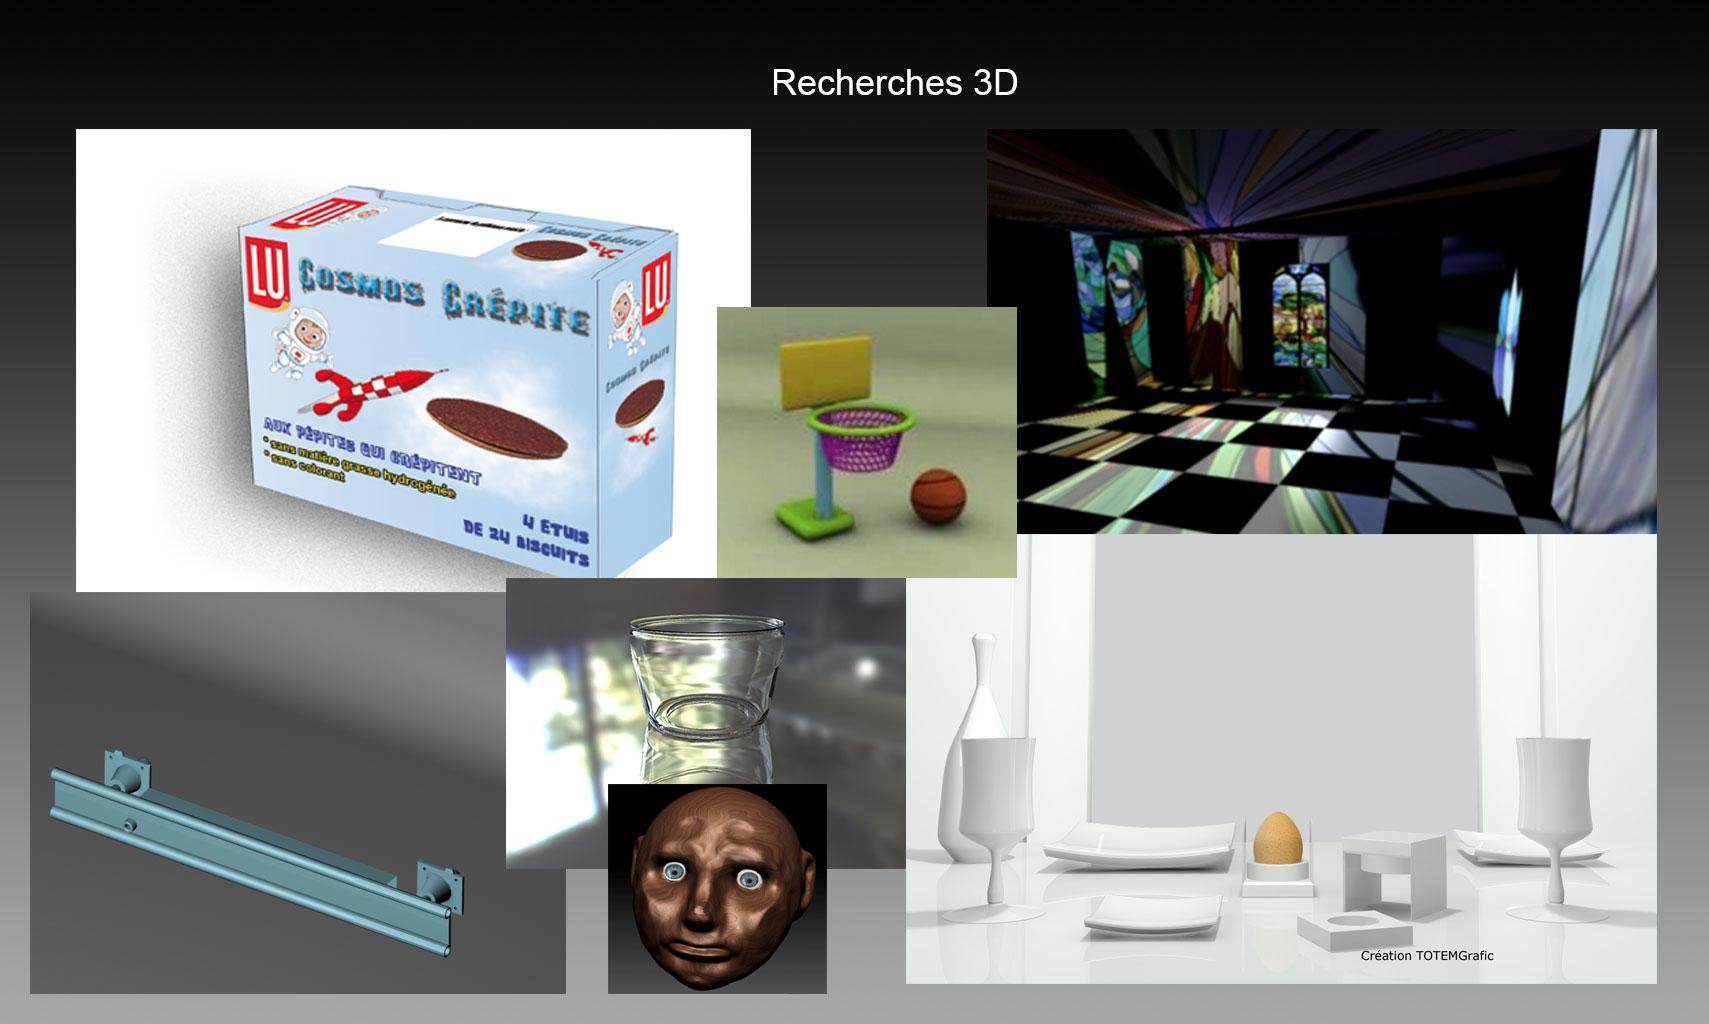 Recherches 3D + conception